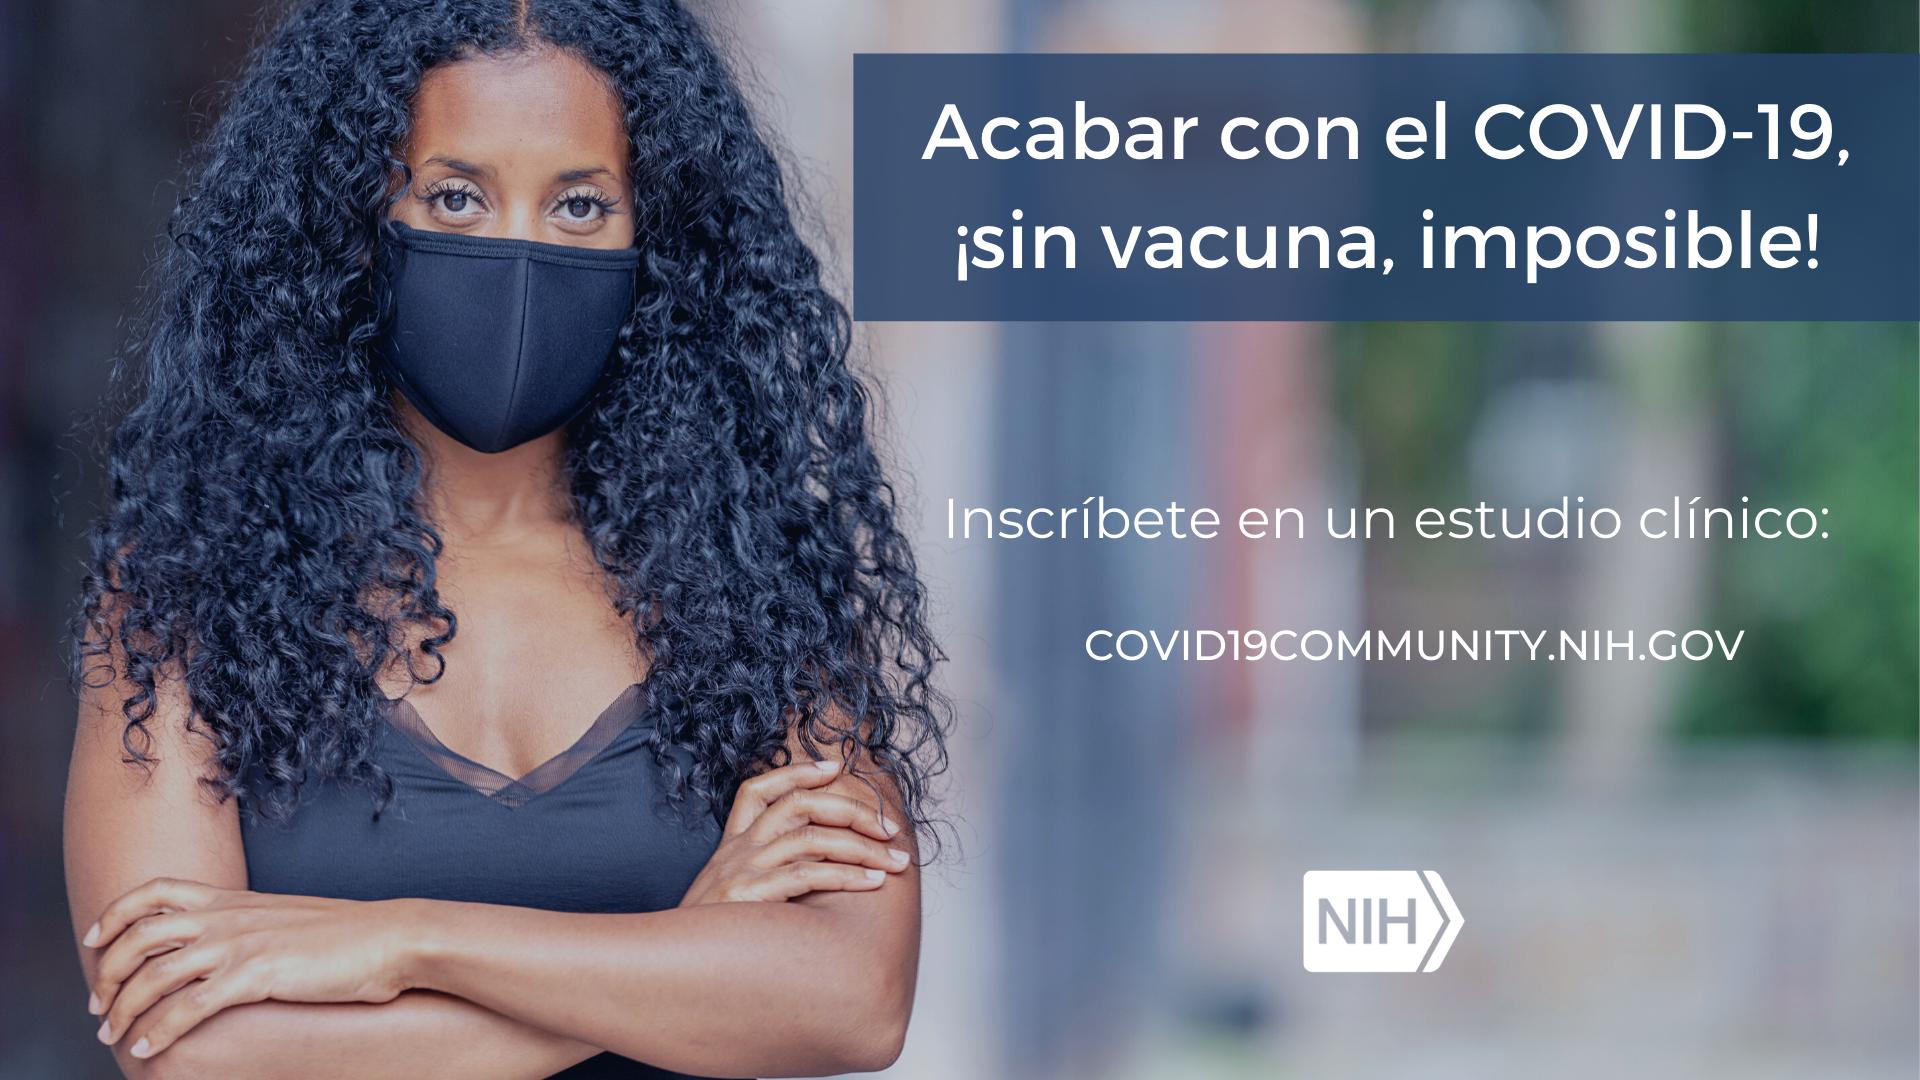 """Imagen de una mujer con tapaboca. La imagen dice: Acabar con el COVID-19, ¡sin vacuna, imposible! Inscríbete en un estudio clínico: covid19community.nih.gov"""""""